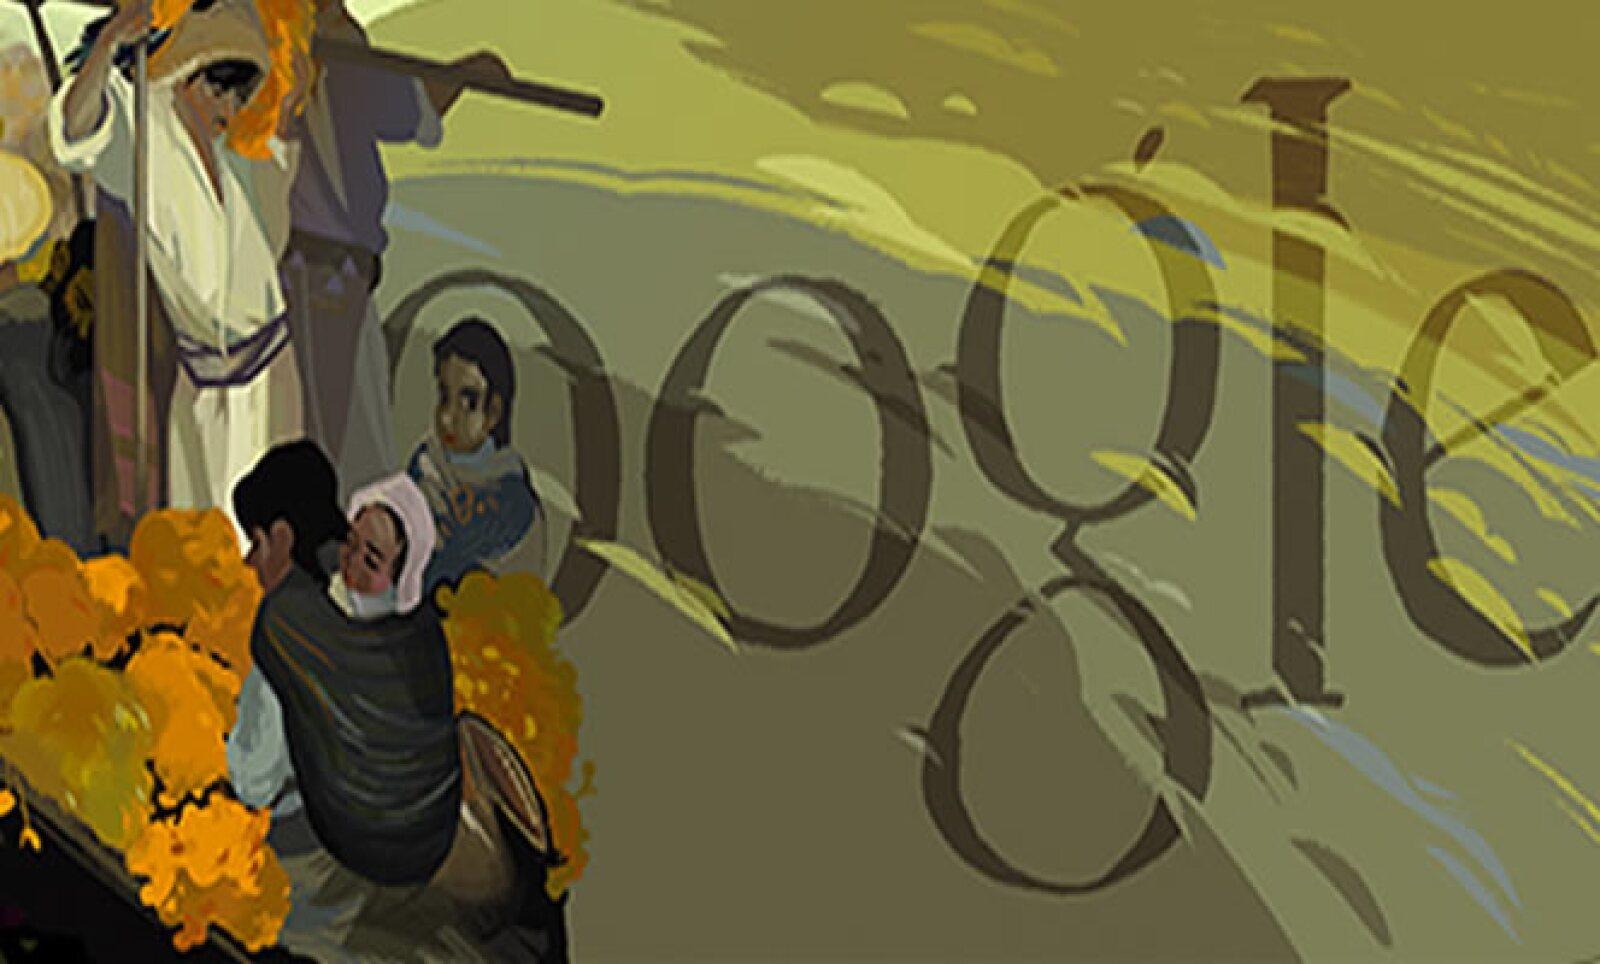 El 9 de julio de 2013 las búsquedas de Google enmarcaron al pintor mexicano.